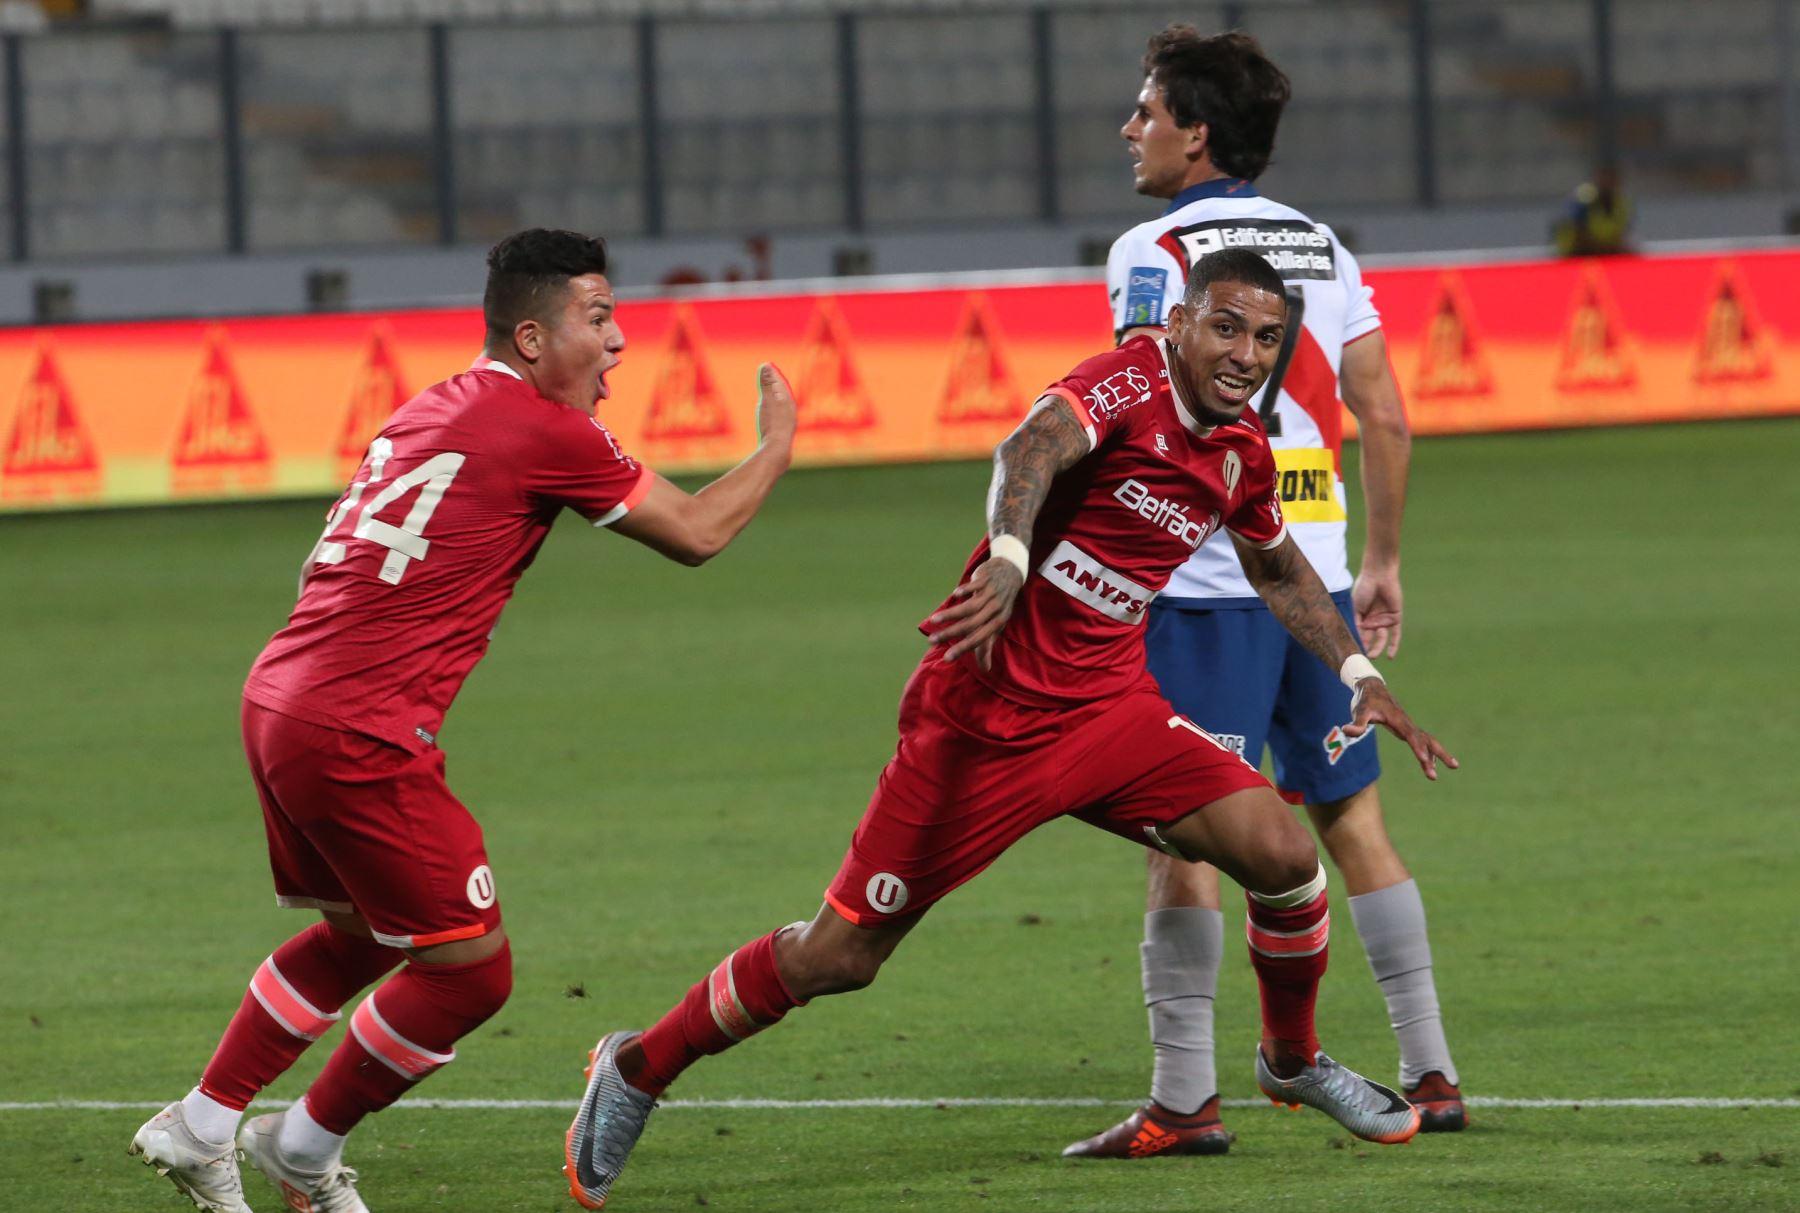 LIMA,PERÚ-NOVIEMBRE 23. Universitario  de Deportes gano 5-3 a Deportivo Municipal, en el estadio nacional. Foto: ANDINA/Jhony Laurente